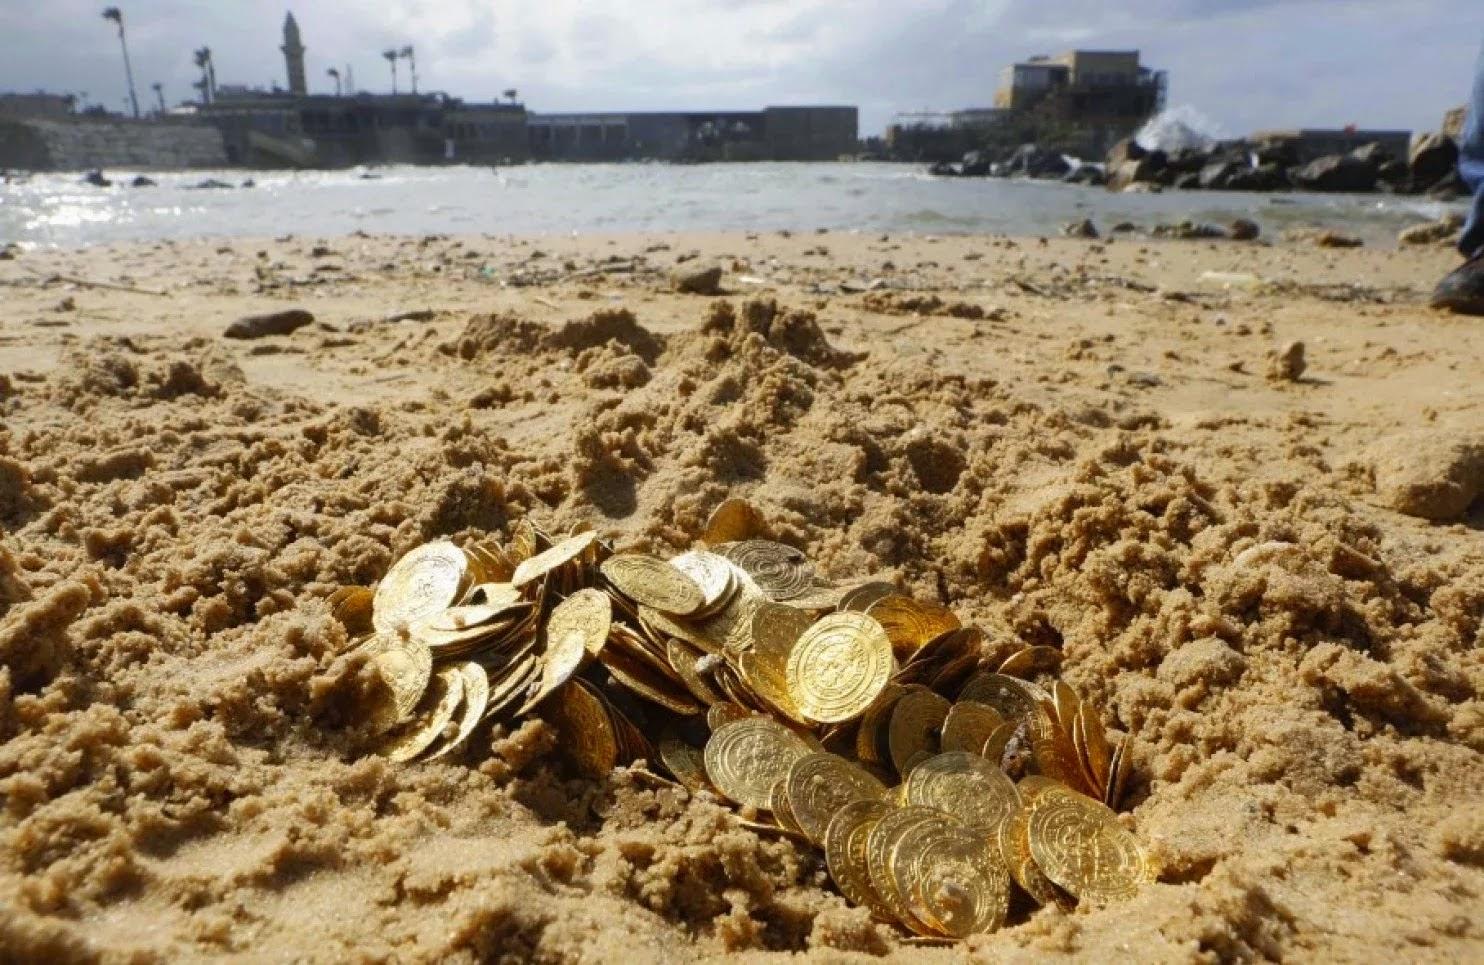 Harta karun  khalifah dinasti Islam Fatimiah Ditemukan diDasar laut